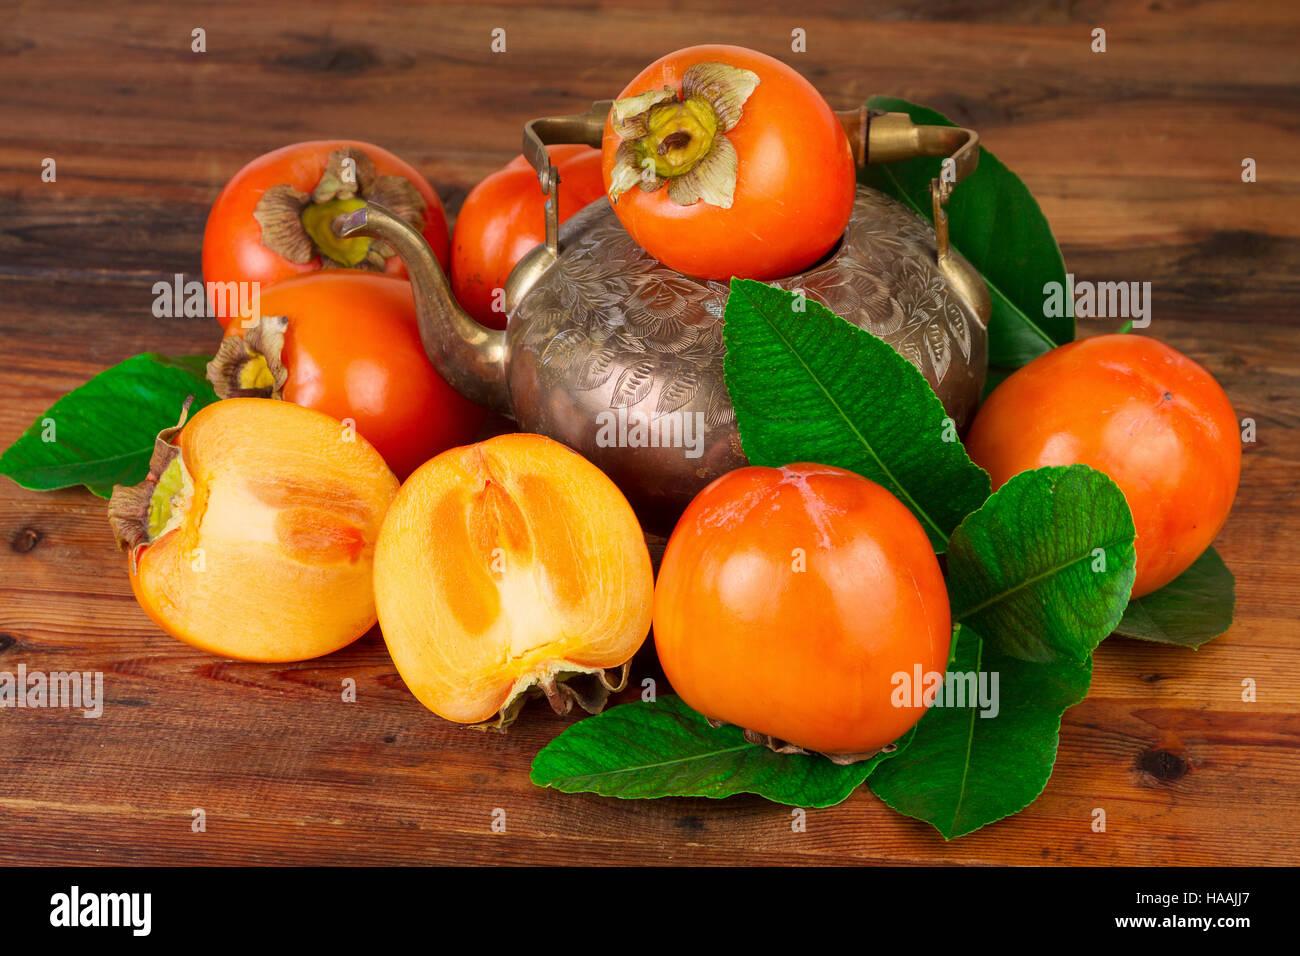 Kaki Kaki Frucht mit Vintage Teekanne. Orientalische Osten persische Stillleben. Stockfoto